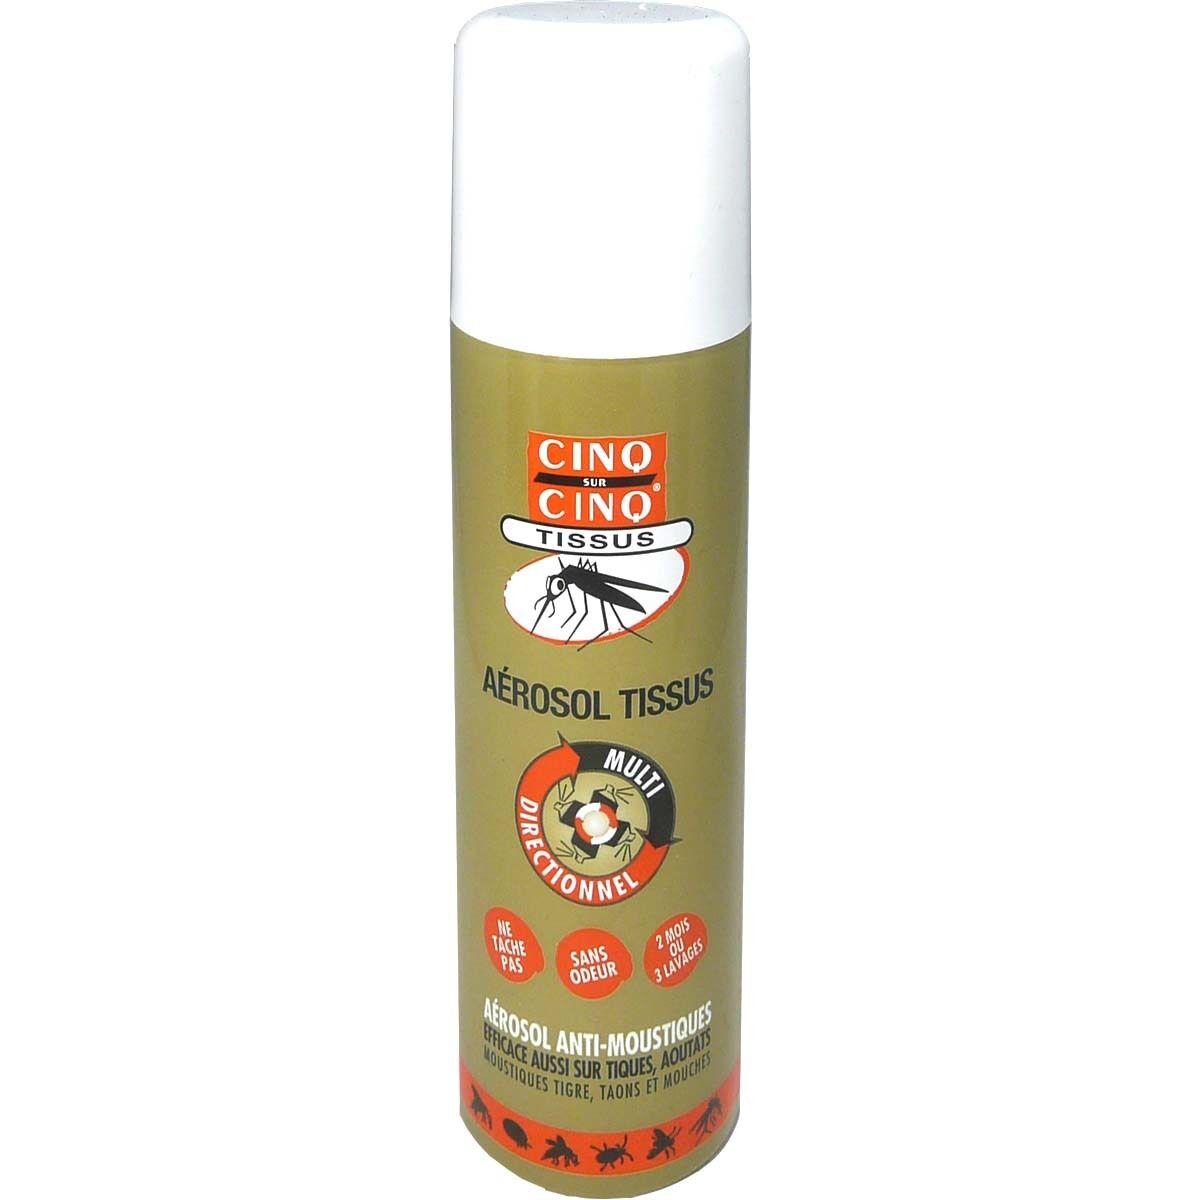 Cinq sur cinq aerosol tissus anti-moustiques 150ml